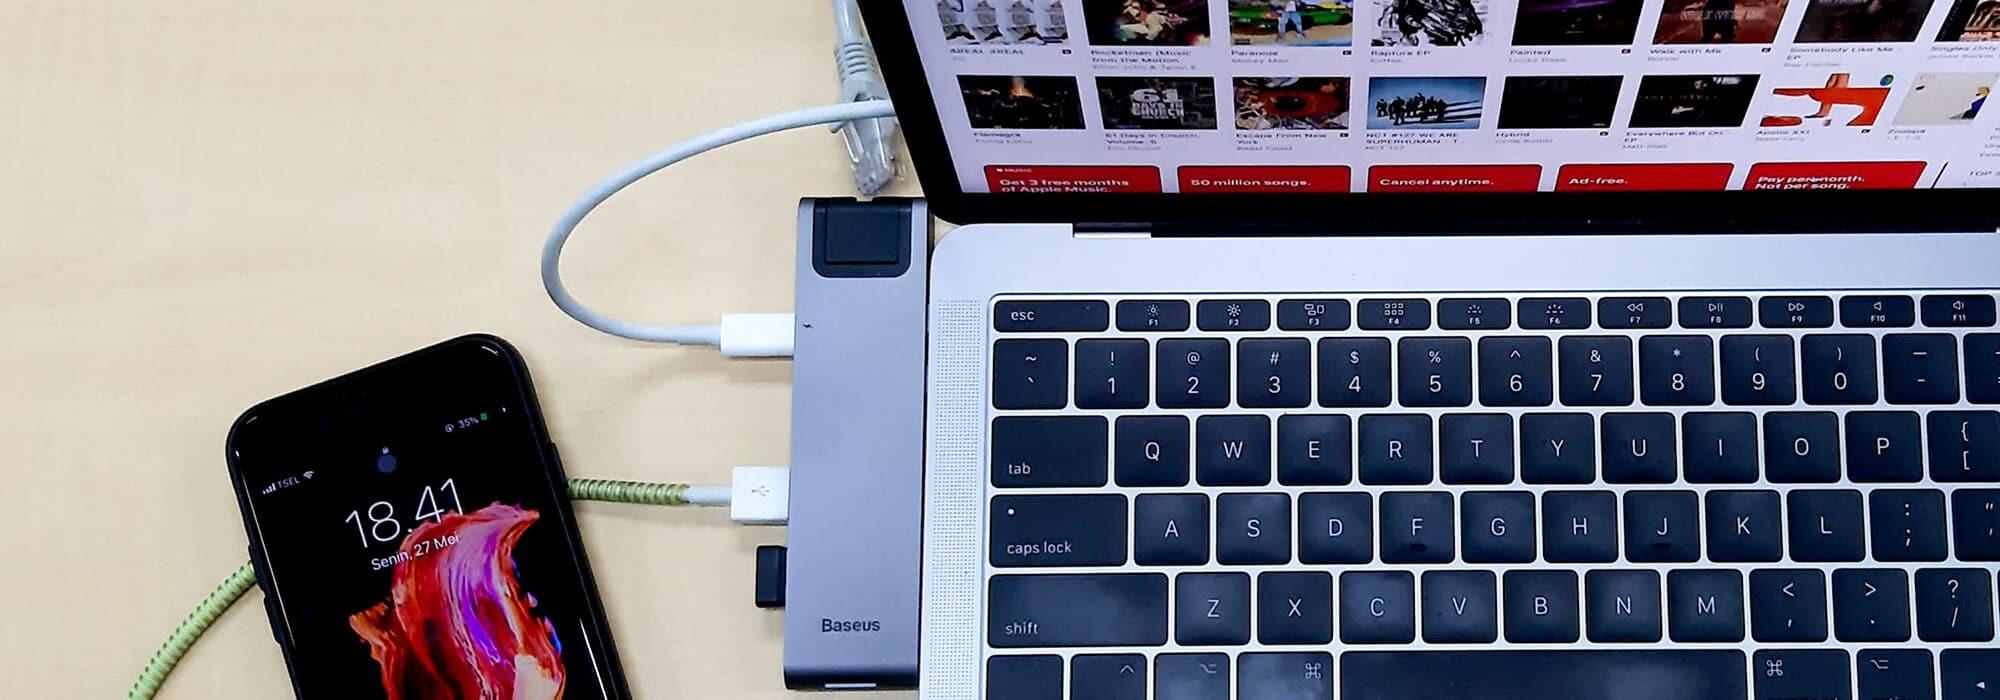 Heb jij ook altijd te weinig aansluitingsmogelijkheden in je laptop?